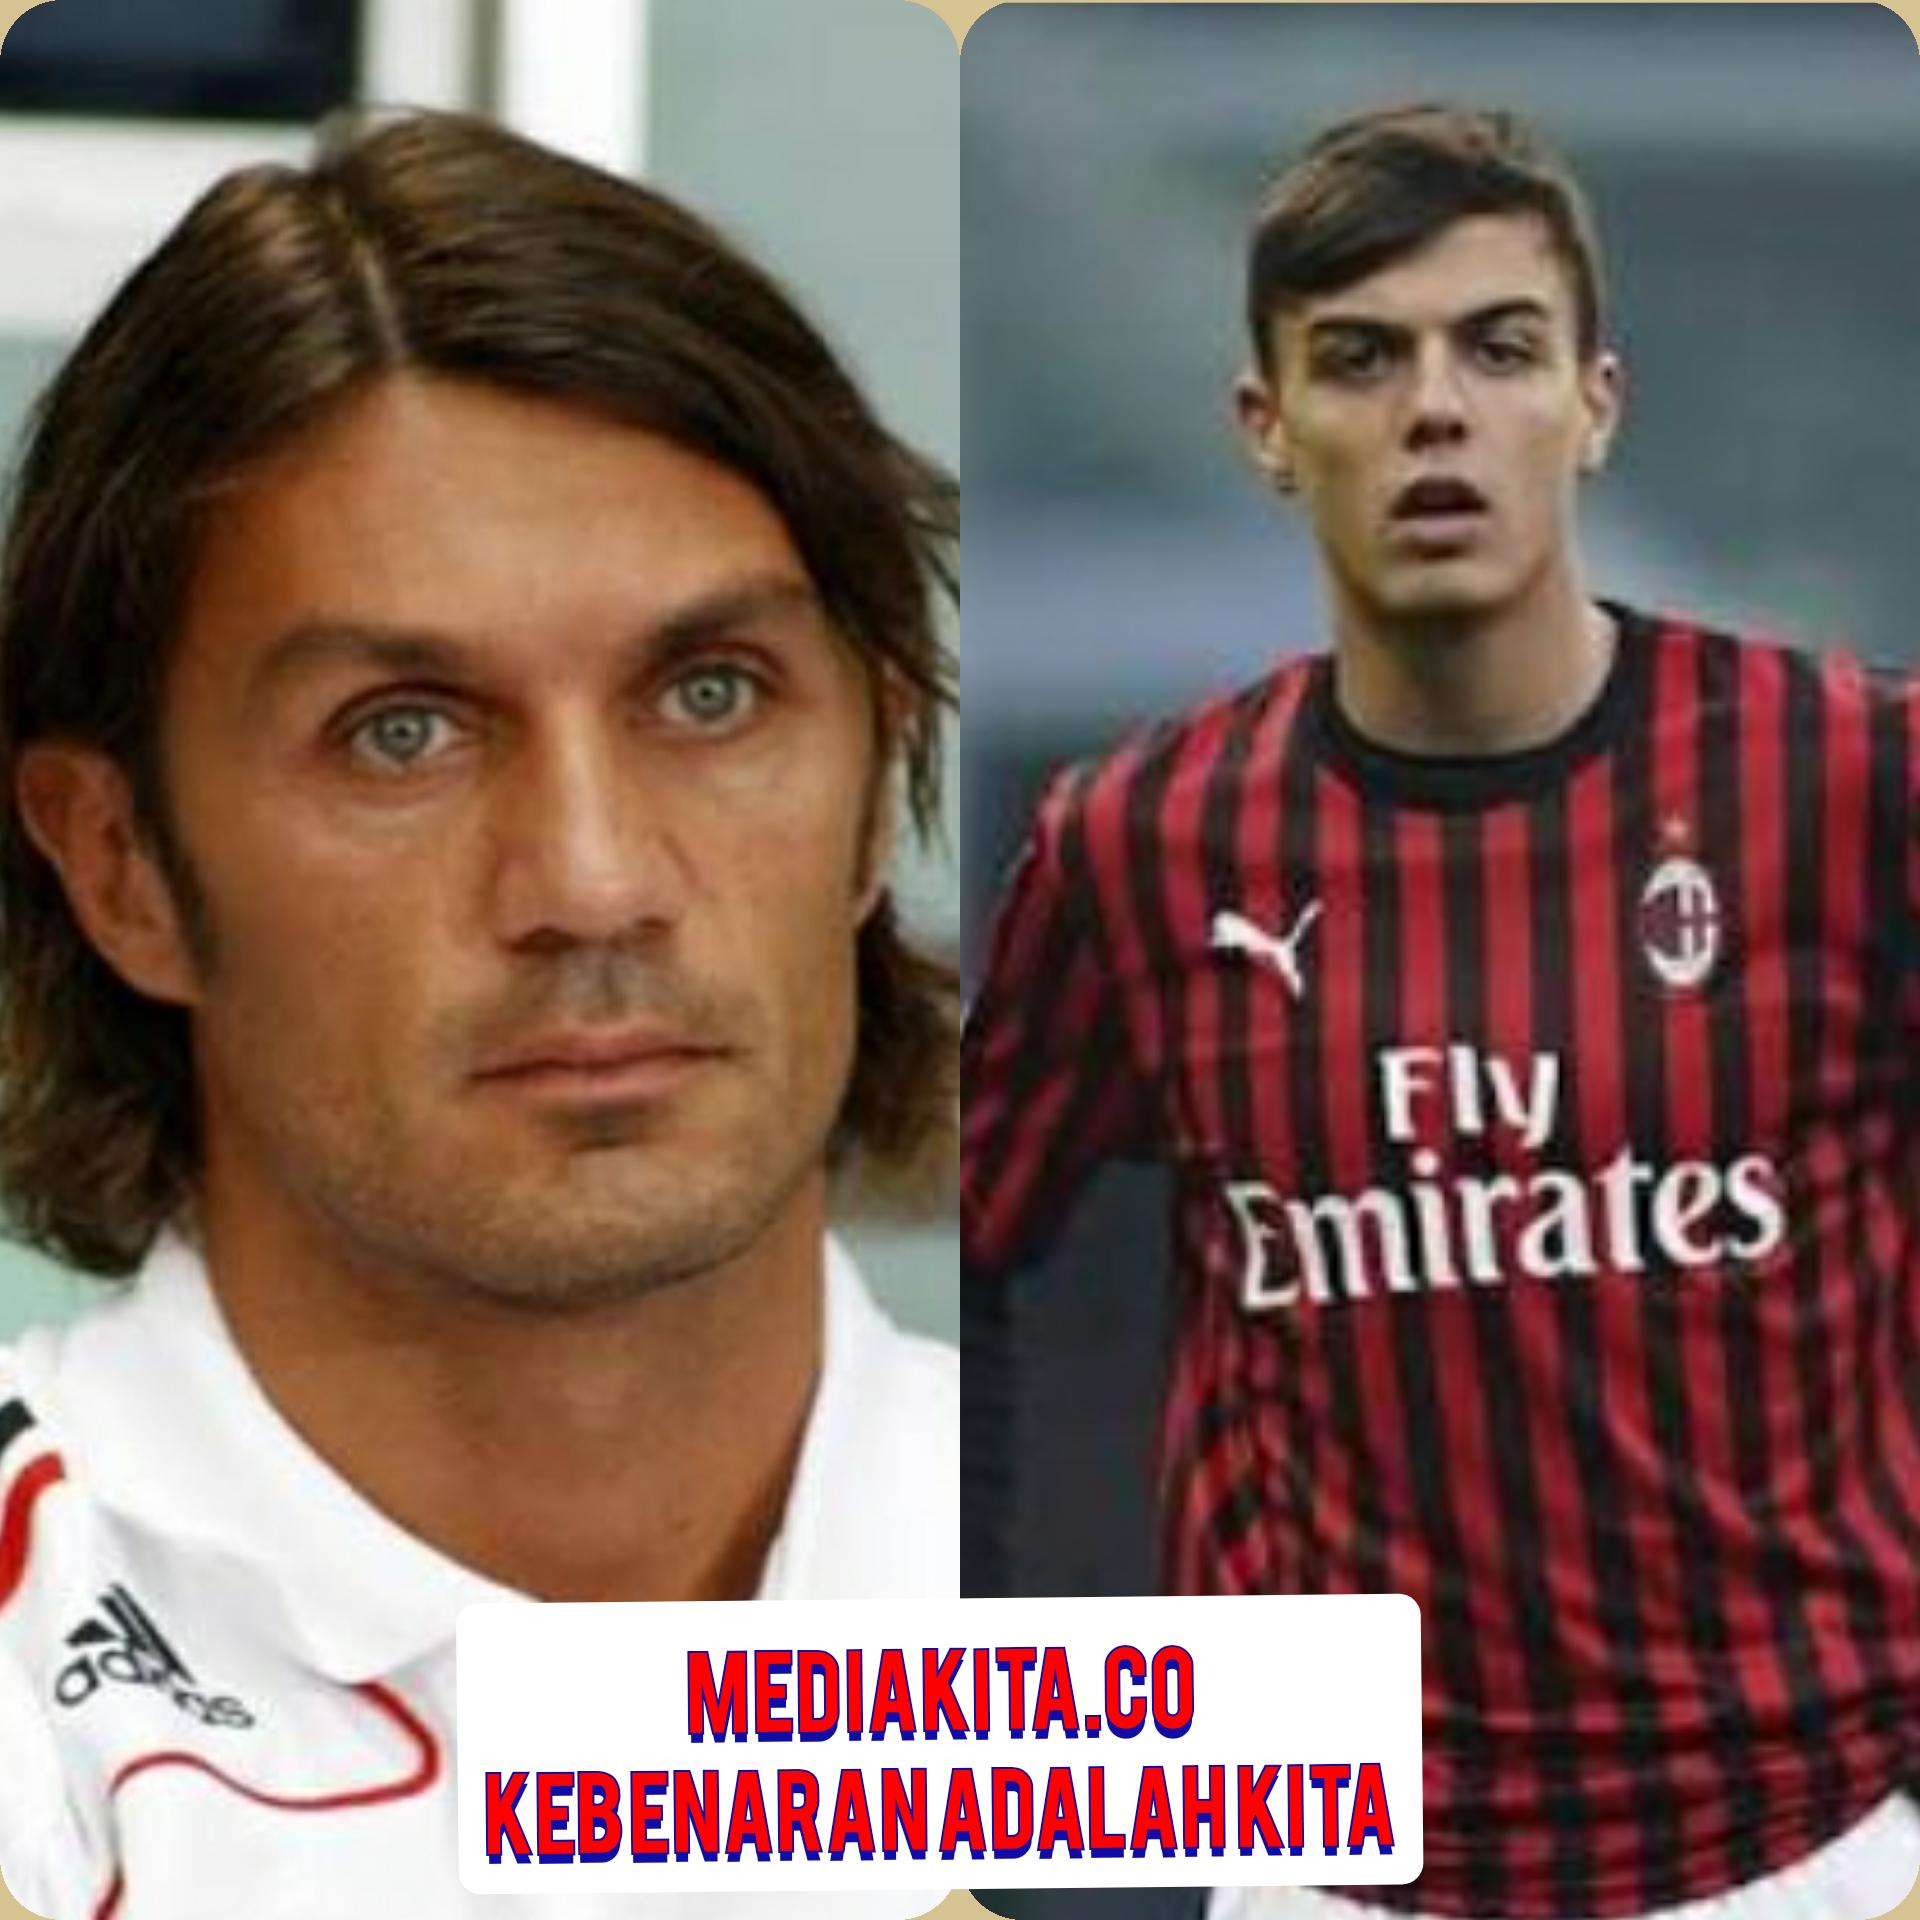 Mantan Pemain Sepak Bola AC Milan, Paolo Maldini dan Daniel Maldini Posotif Terjangkit Virus Corona